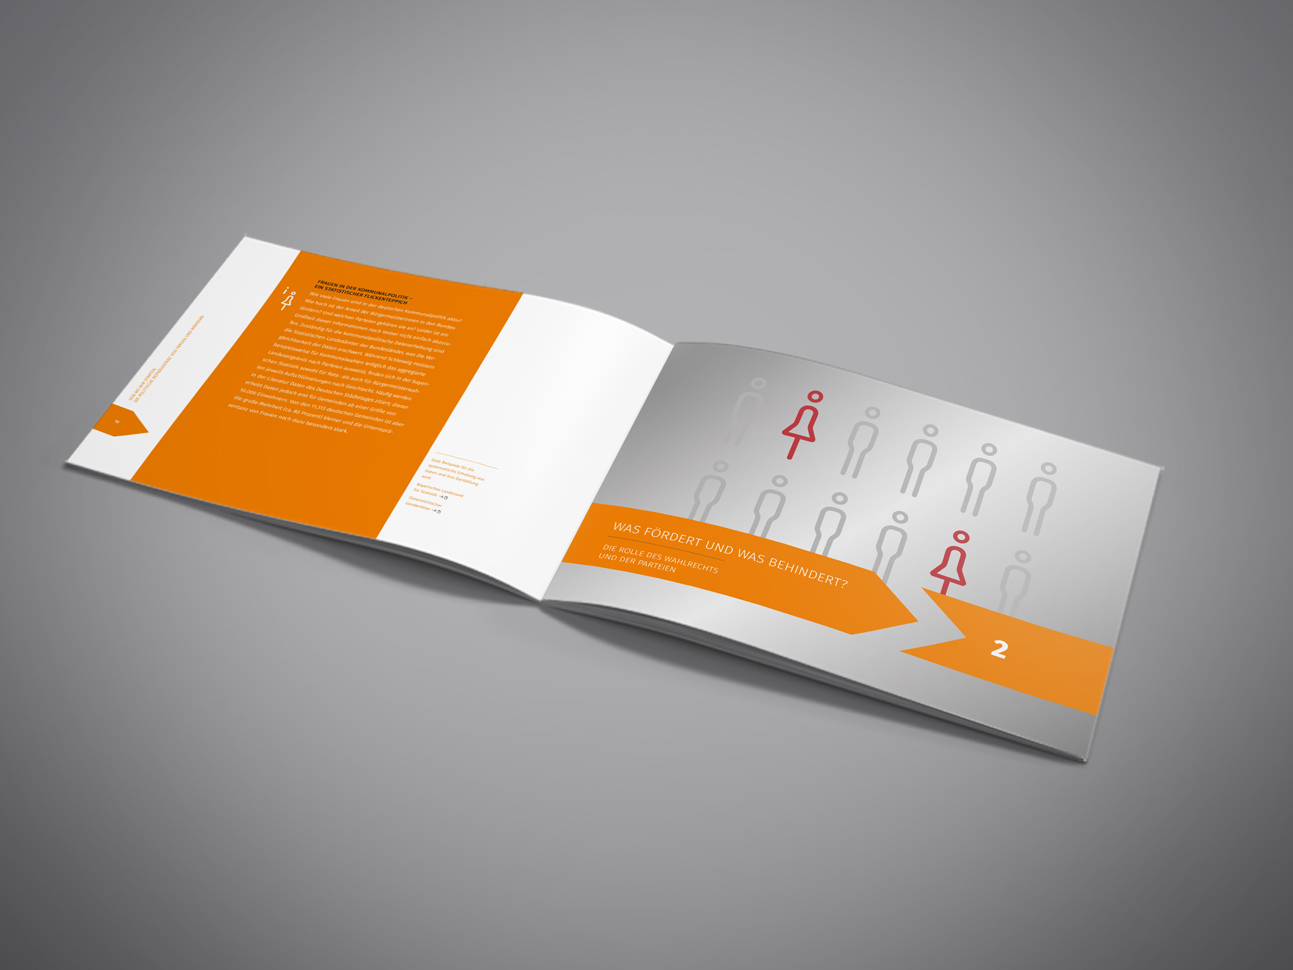 martin_zech_design_projekt-design_paritaet-in-der-politik_wegweiser_kapitel-2